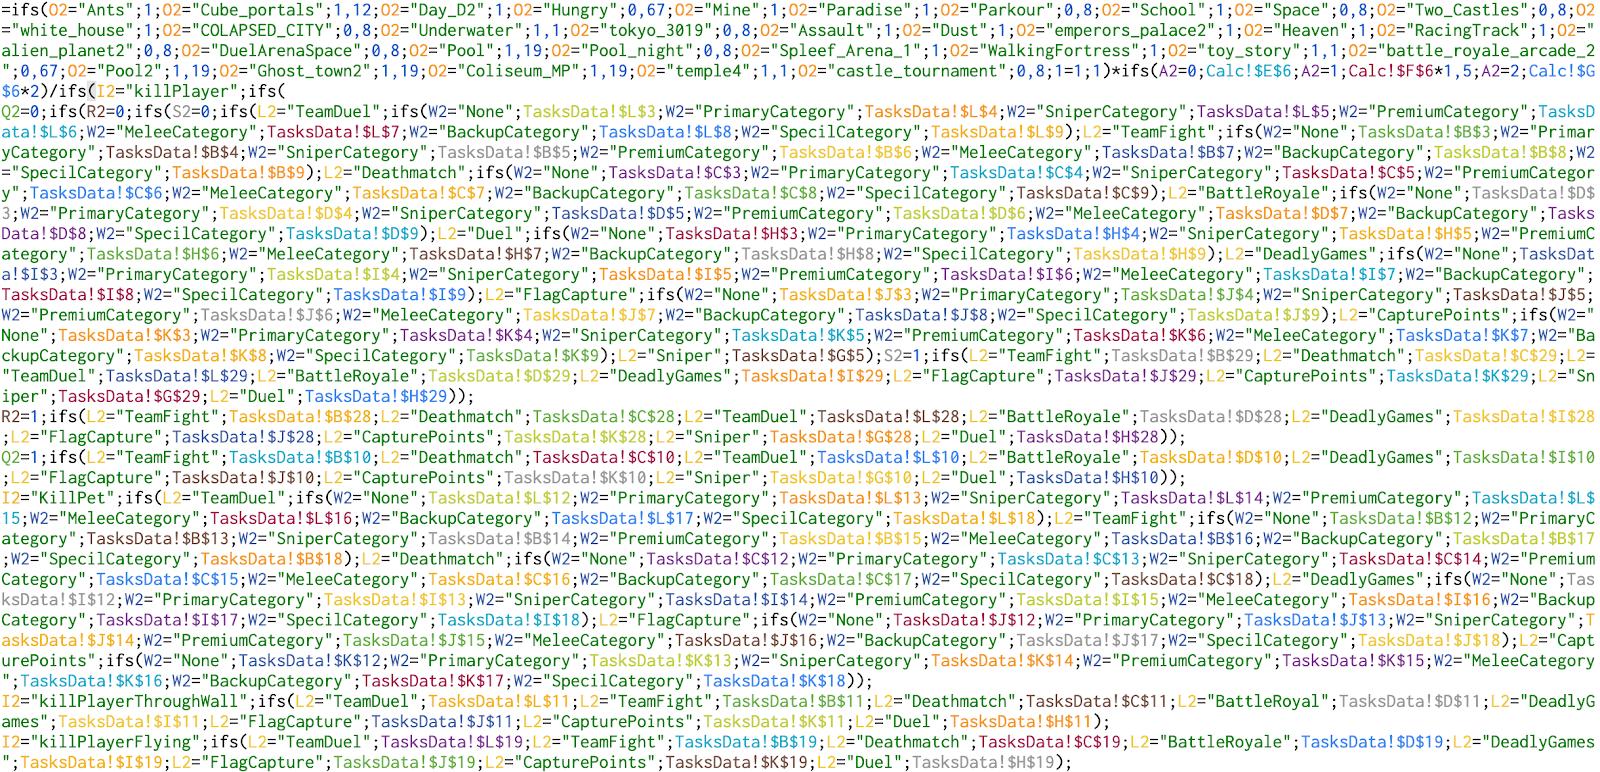 Автоматизация или смерть как управлять тысячами единиц игрового контента с помощью гугл-таблиц